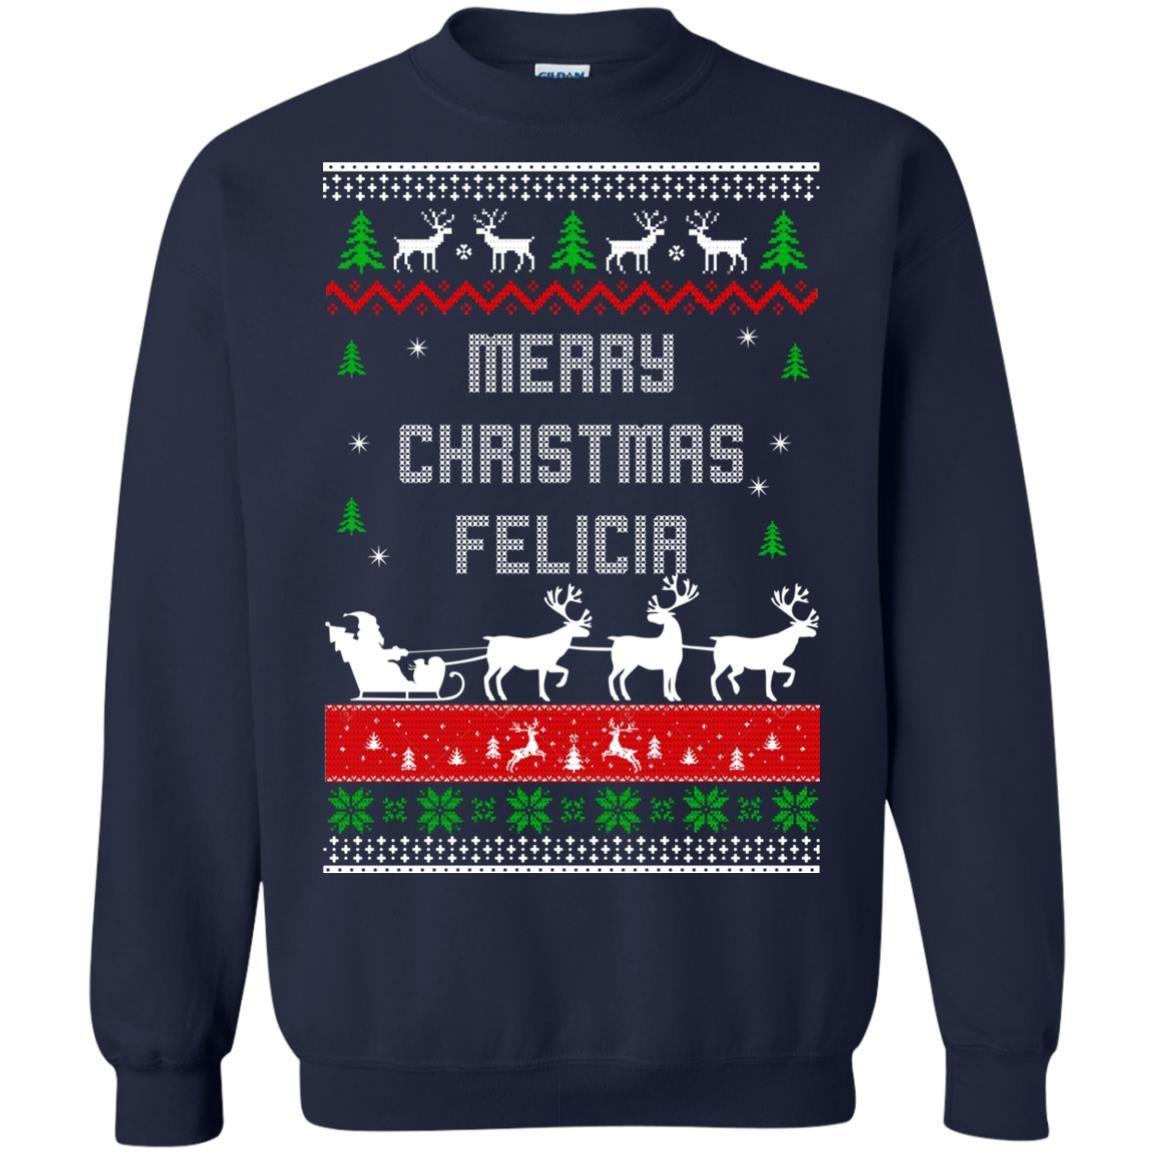 image 1676 - Raxo Merry Christmas Felicia ugly sweater, hoodie